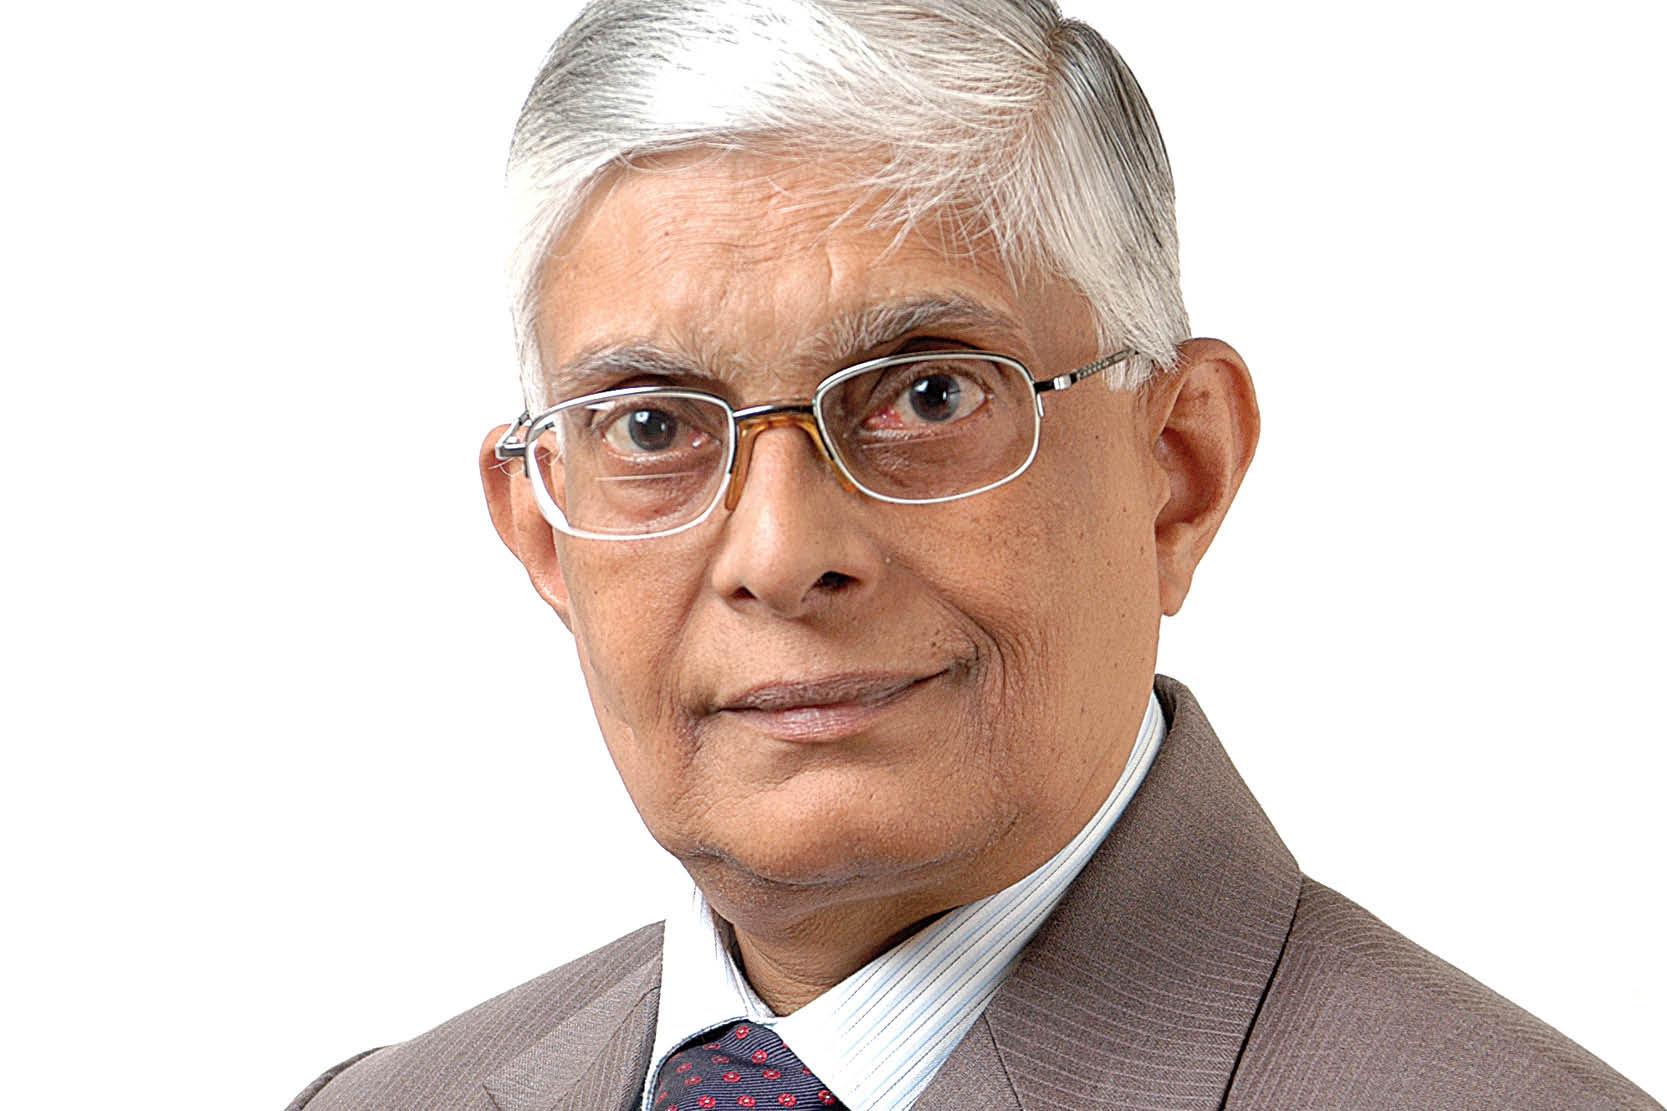 By Prof. Arup Dasgupta